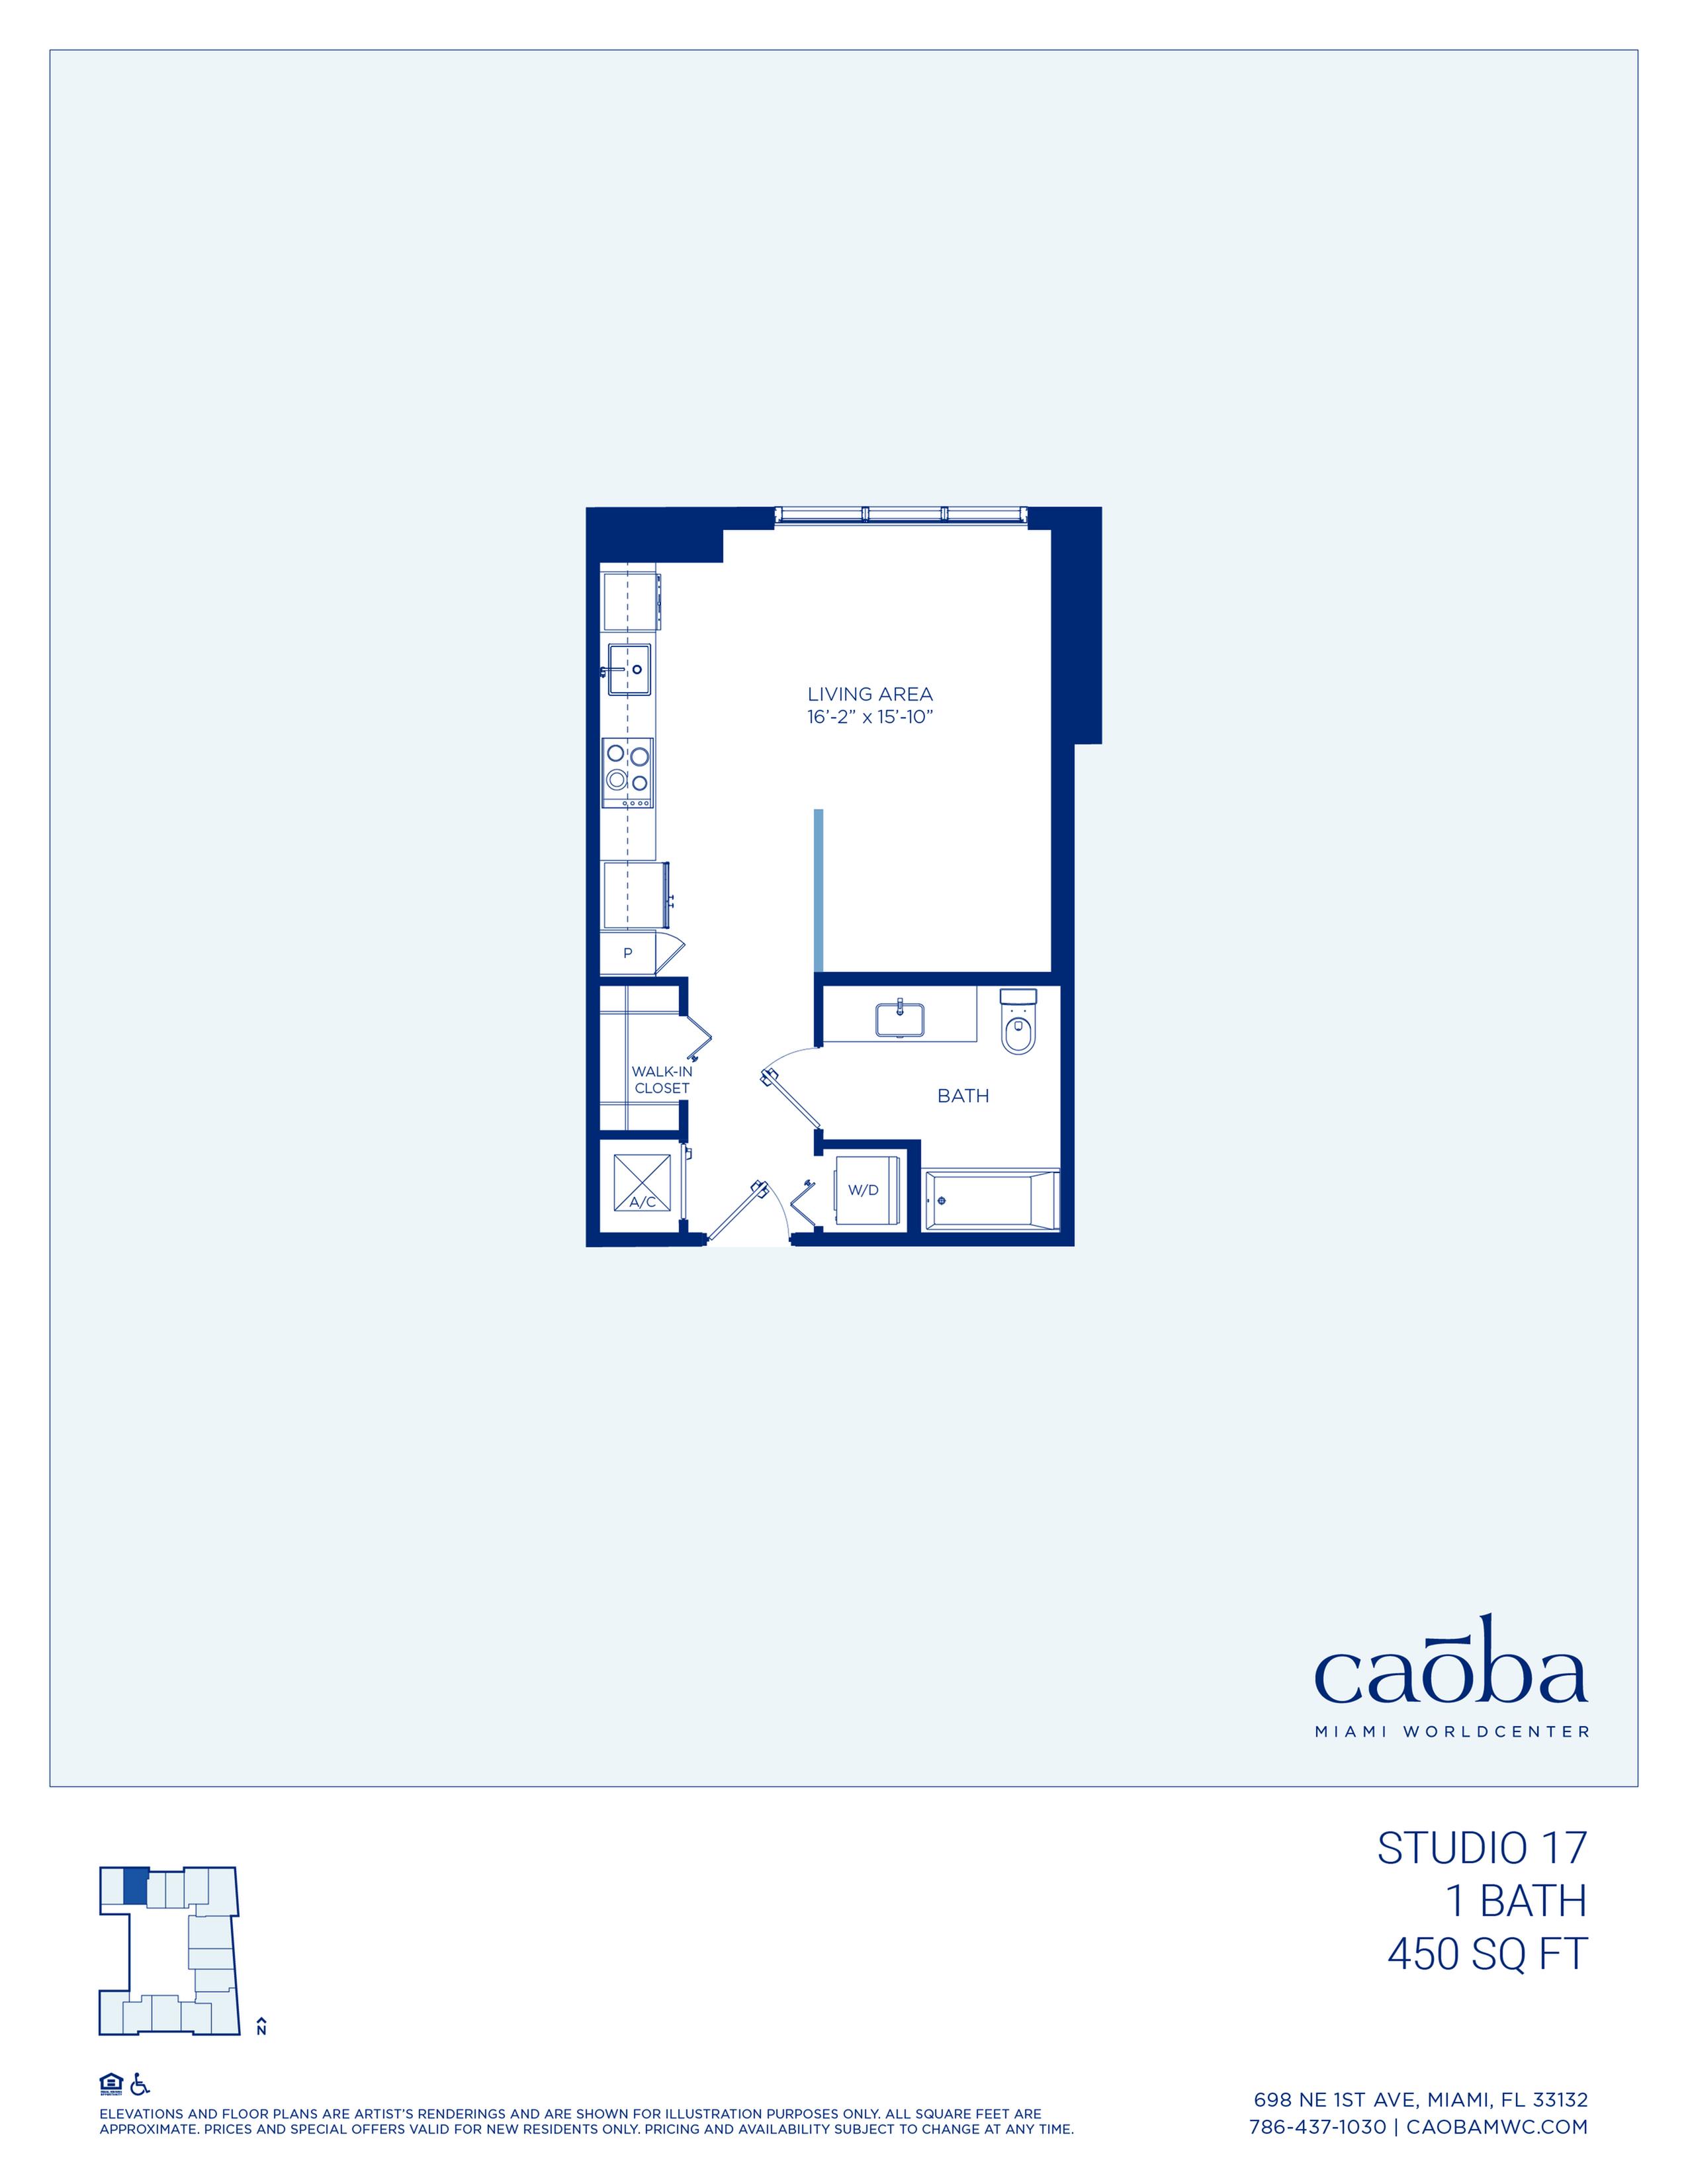 Miami Caoba Floorplan - S-17